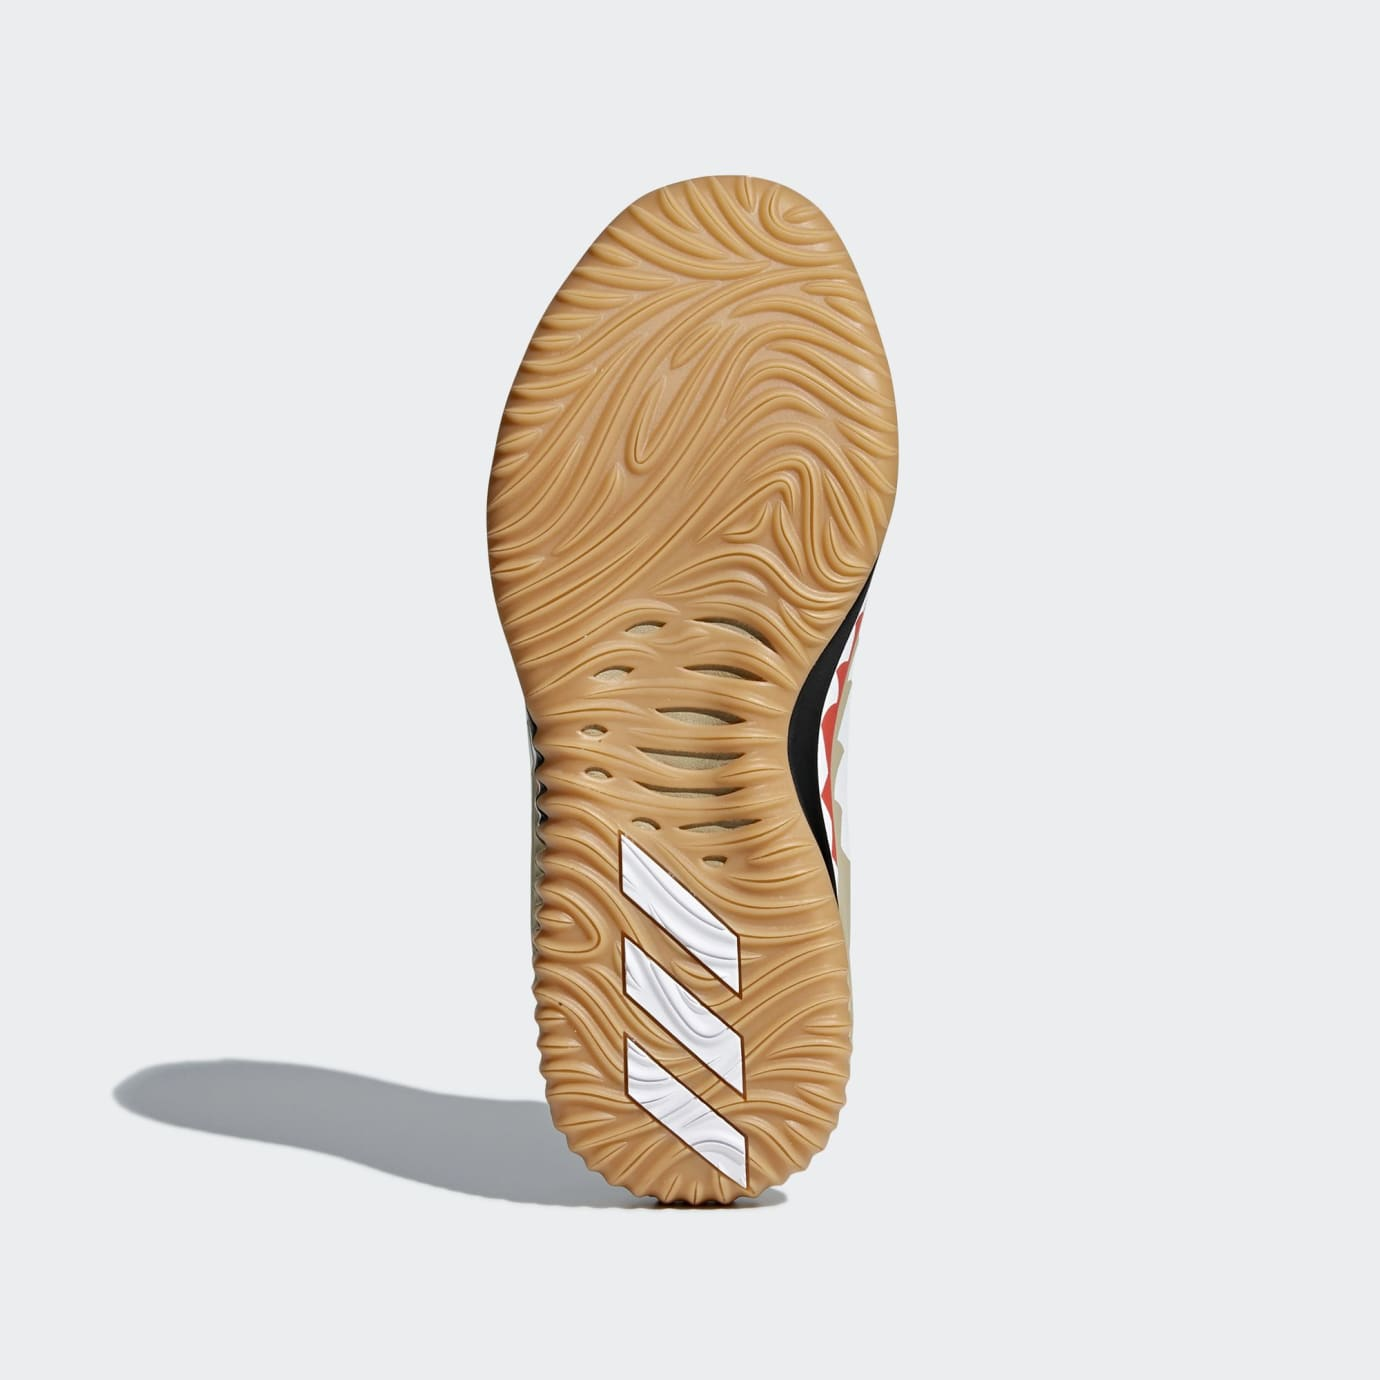 BAPE x Adidas Dame 4 'Green Camo' AP9974 (Bottom)